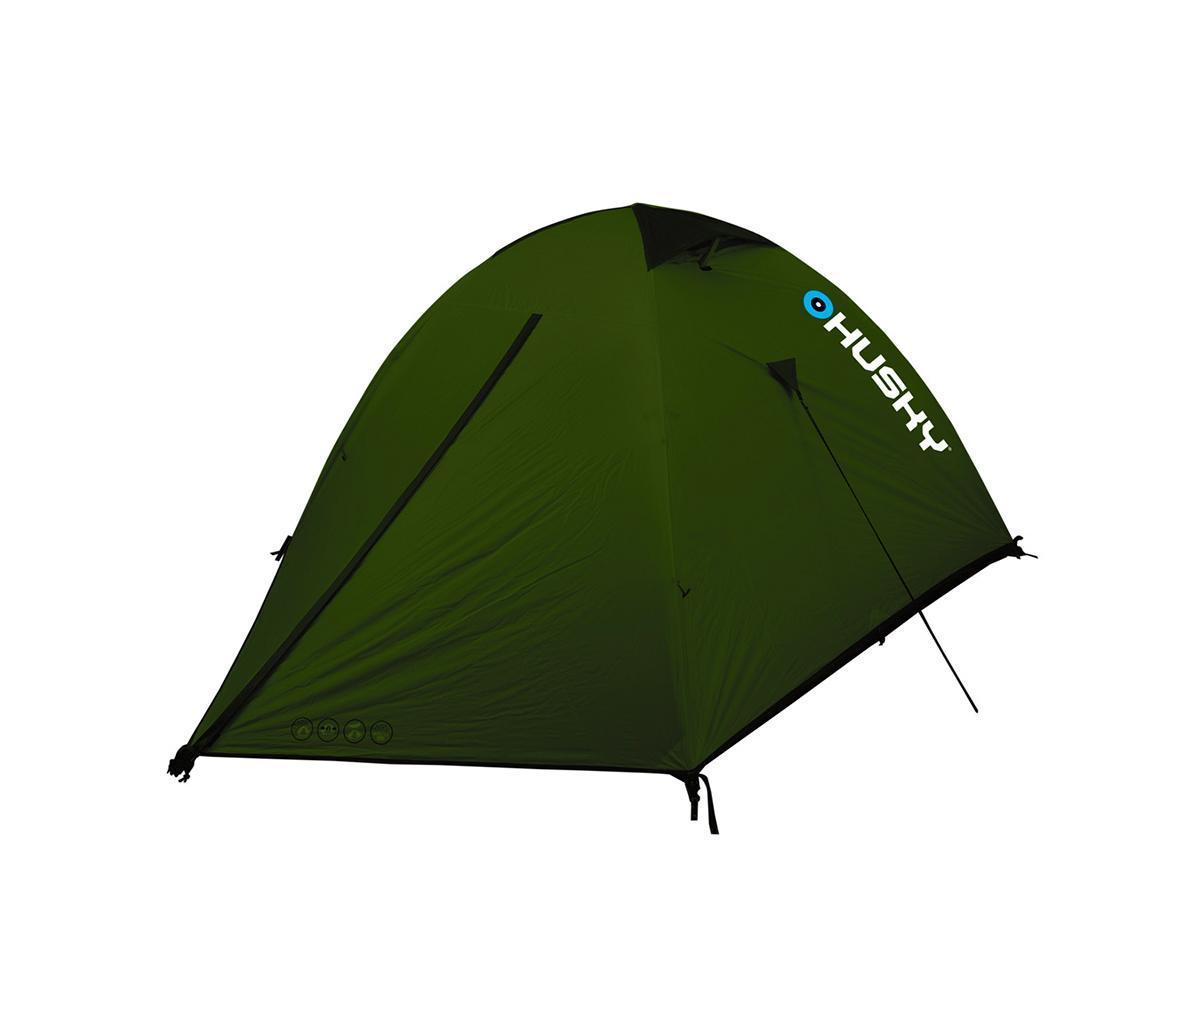 Палатка Husky Sawaj 3 Green, цвет: зеленыйУТ-000052272Двухслойная палатка Sawaj 3 отлично подойдет для путешествий и кемпинга. Палатка рассчитана на трех человек. В палатке имеются два входа и один тамбур. Пригодна для велосипедного туризма, скалолазания, пешего туризма. В комплекте дюралюминиевые колышки, набор для ремонта, компрессионный мешок, карман-сетка. Палатка упакована в чехол с удобной ручкой для переноски. Характеристики: Количество мест: 3. Размер палатки: 200 см х 130 см х 270 см.. Количество входов: 2 шт. Материал внешнего тента: 30D 280Т Polyester Ripstop с силиконовым покрытием 5000 мм/см2. Материал внутреннего тенда: воздухопроницаемый Nylon 210T, вставки из противомоскитной сетки. Дно: 190Т Polyester с полиуретановым покрытием 8000 мм/см2. Материал дуг: алюминий. Габариты палатки в упакованном виде: 50 см х 18 см х 18 см. Вес: 2900 г. Цвет: зеленый. Производитель: Чехия. Изготовитель: Китай. Артикул: Sawaj 3.